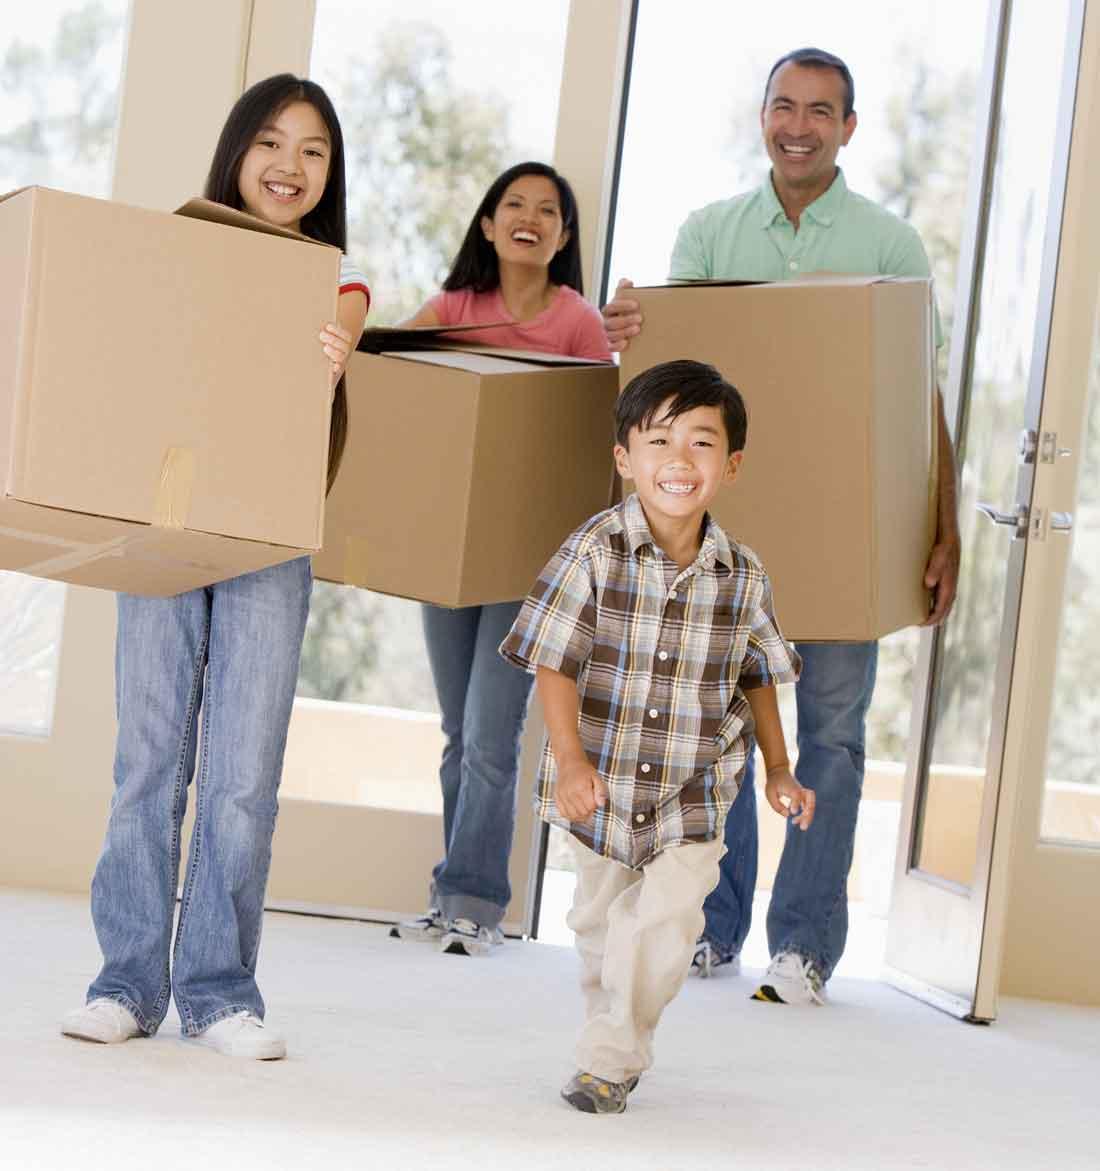 Сколько стоит купить дом в америке аренда апартаментов в швейцарии